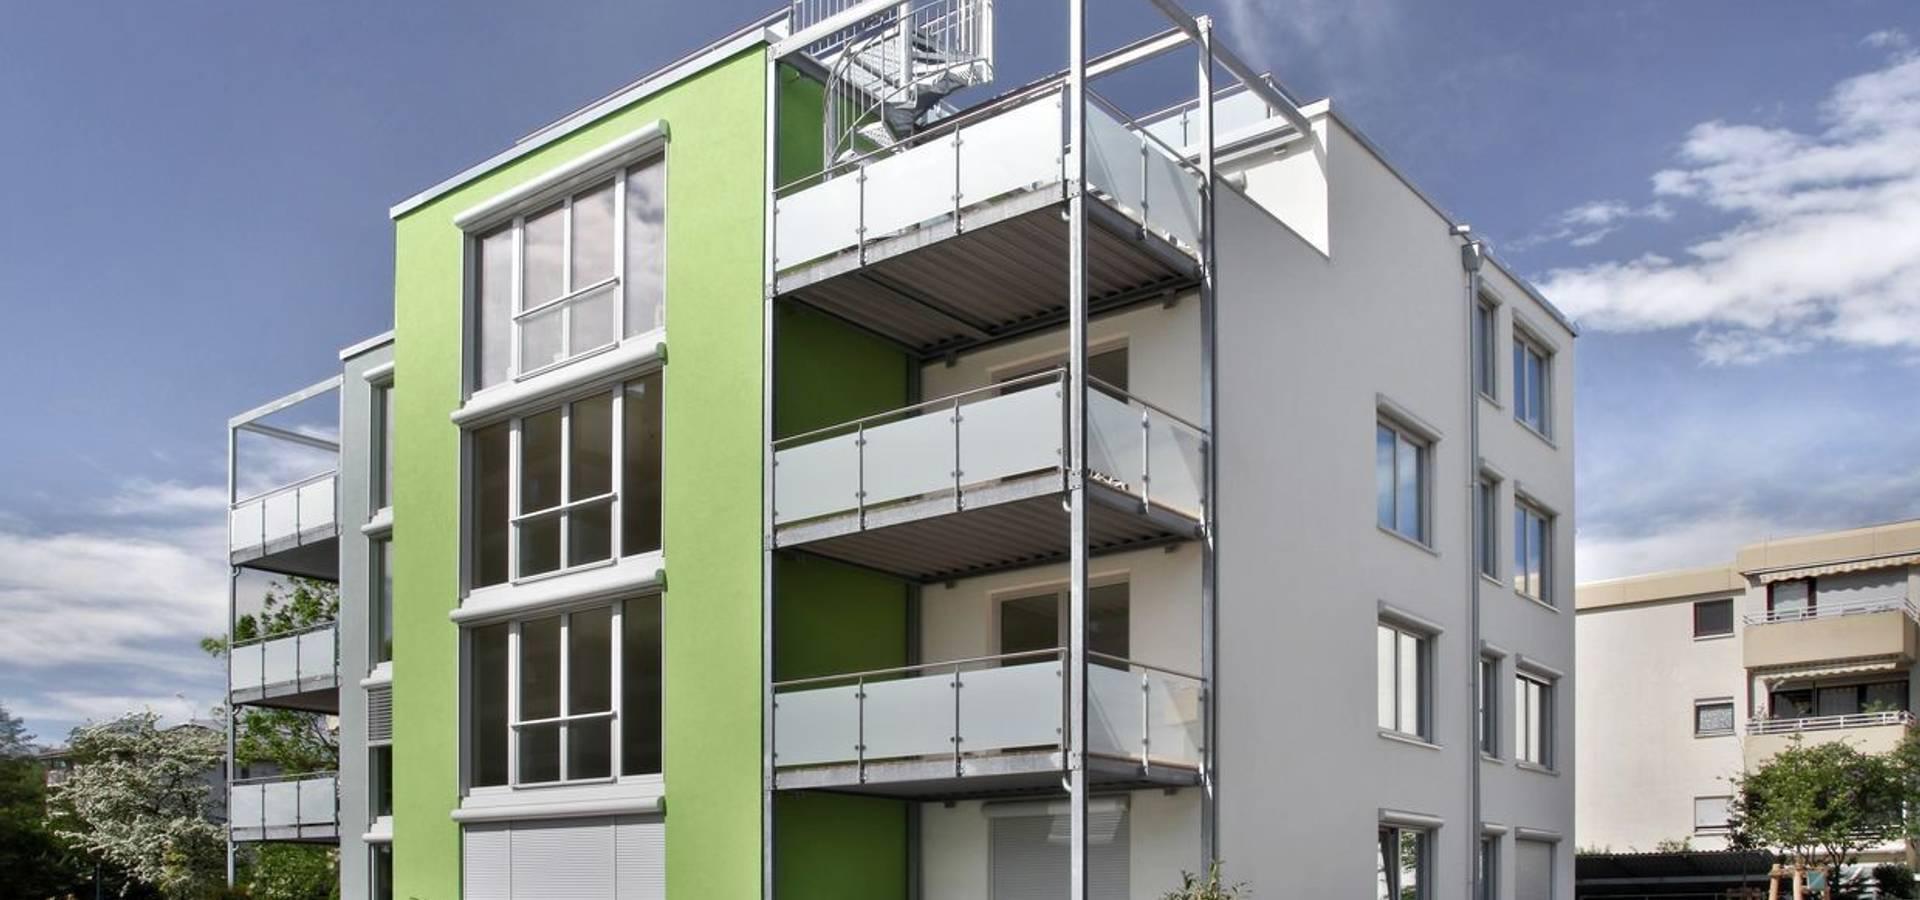 Neubau Passivhaus 8 Wohneinheiten Von BischOtteni